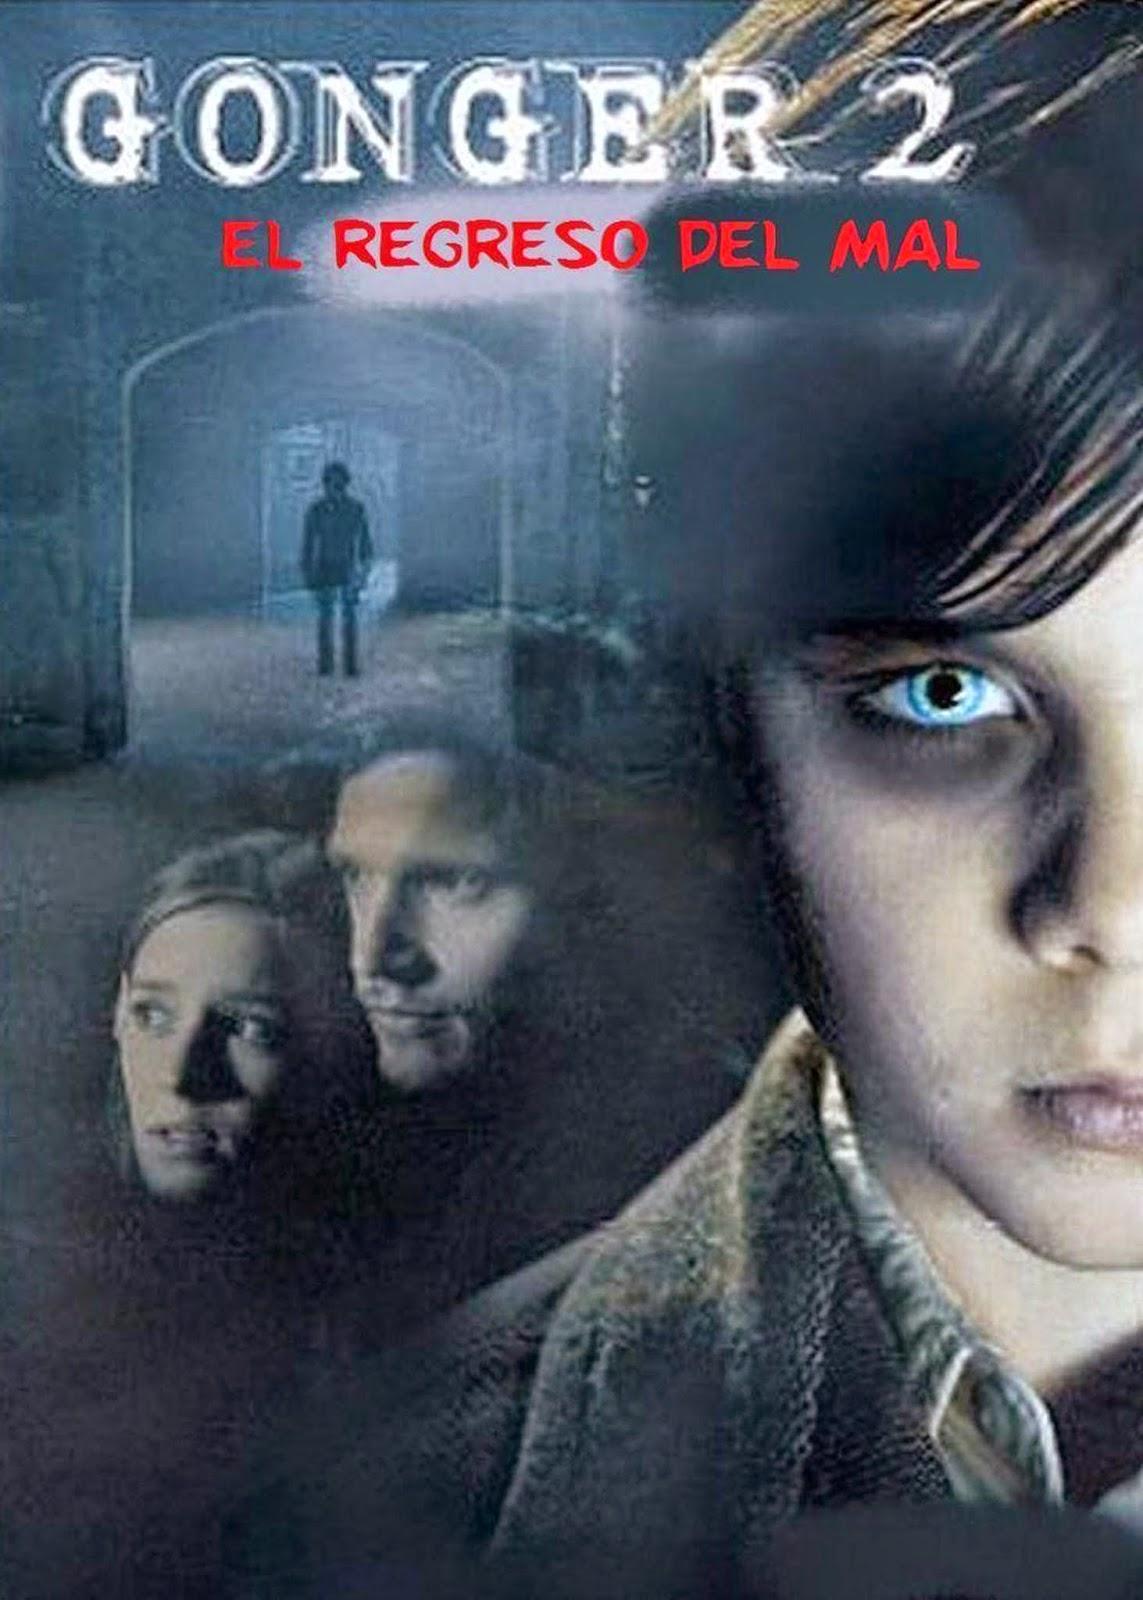 Gonger 2: El regreso del mal (2010)